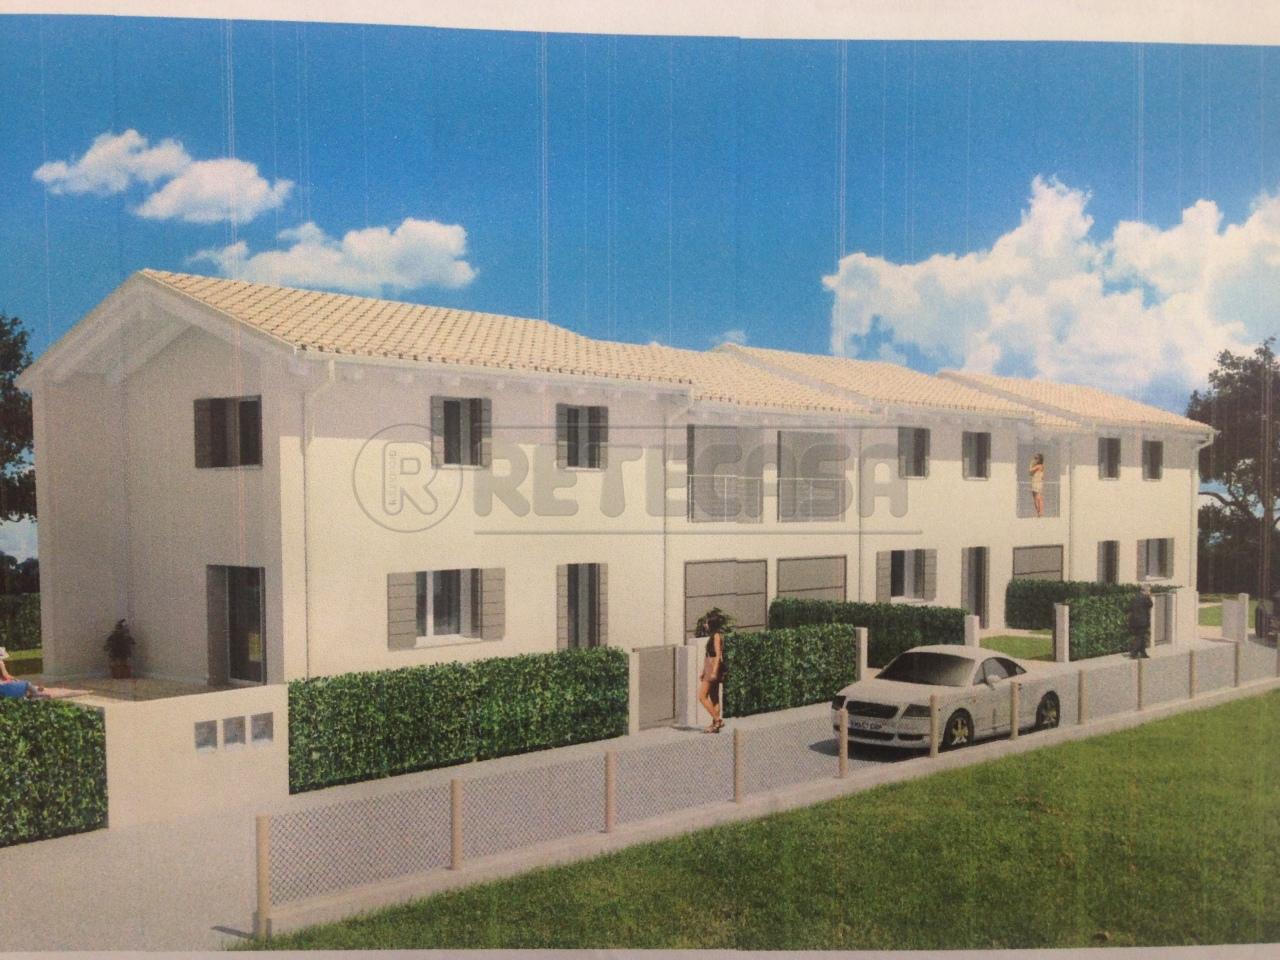 Soluzione Semindipendente in vendita a Mira, 9999 locali, prezzo € 160.000 | Cambio Casa.it